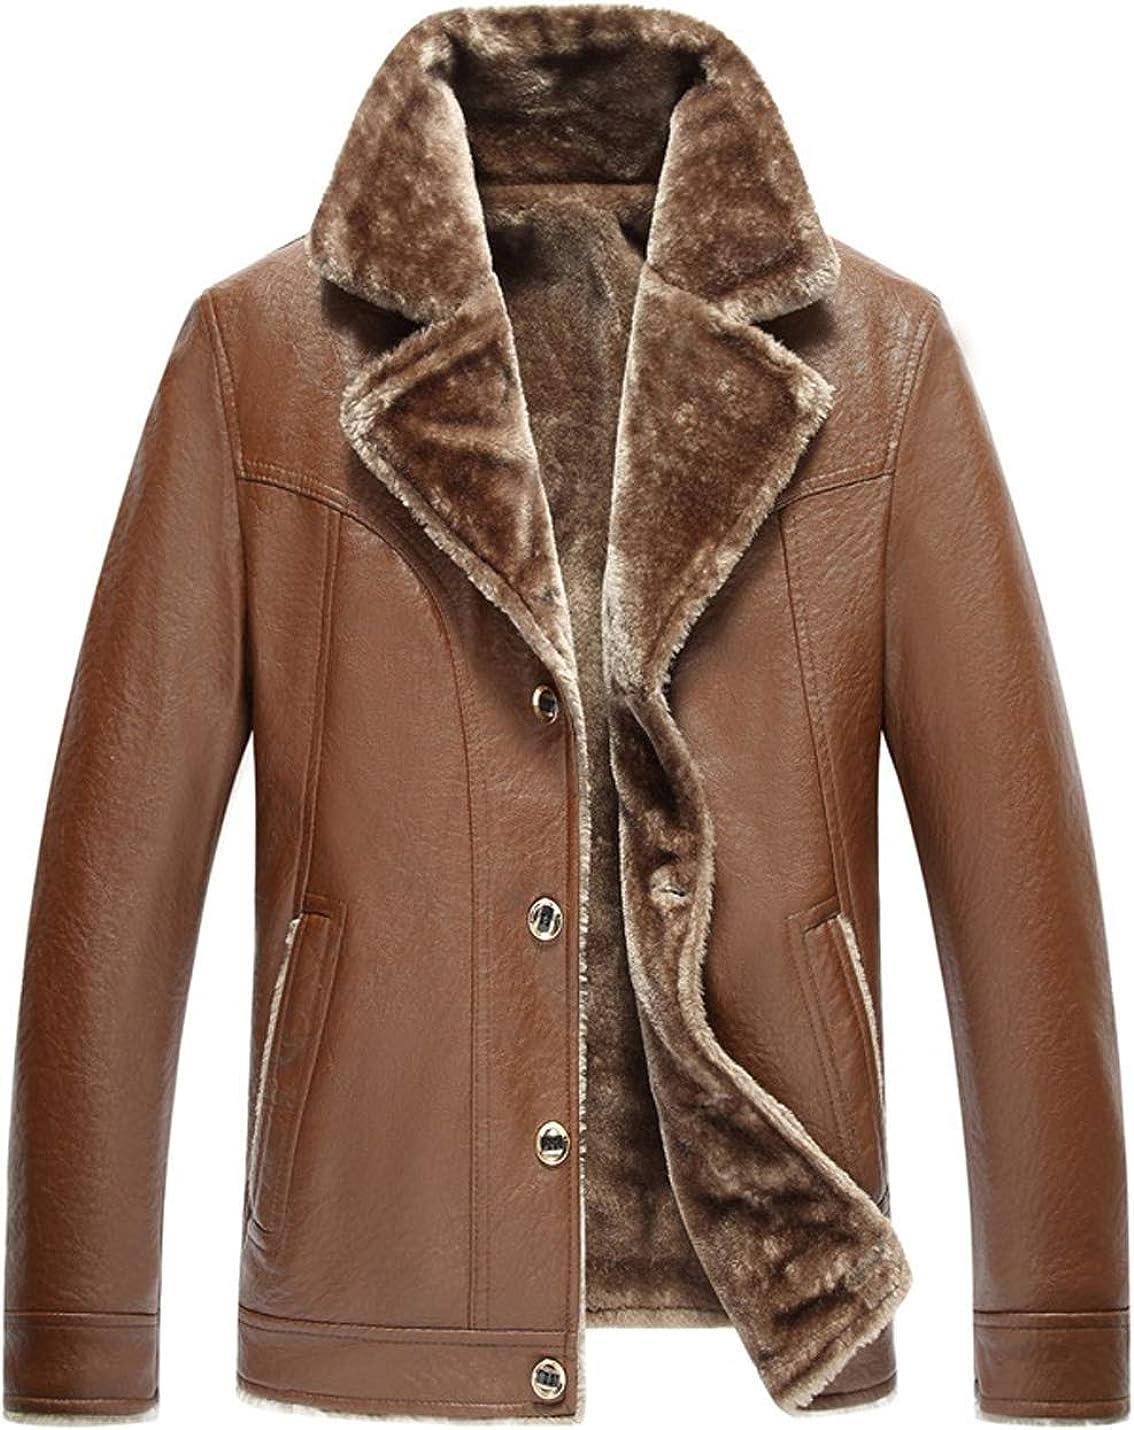 Gihuo Men's Winter Warm Fleece Lined PU Leather Moto Biker Jacket